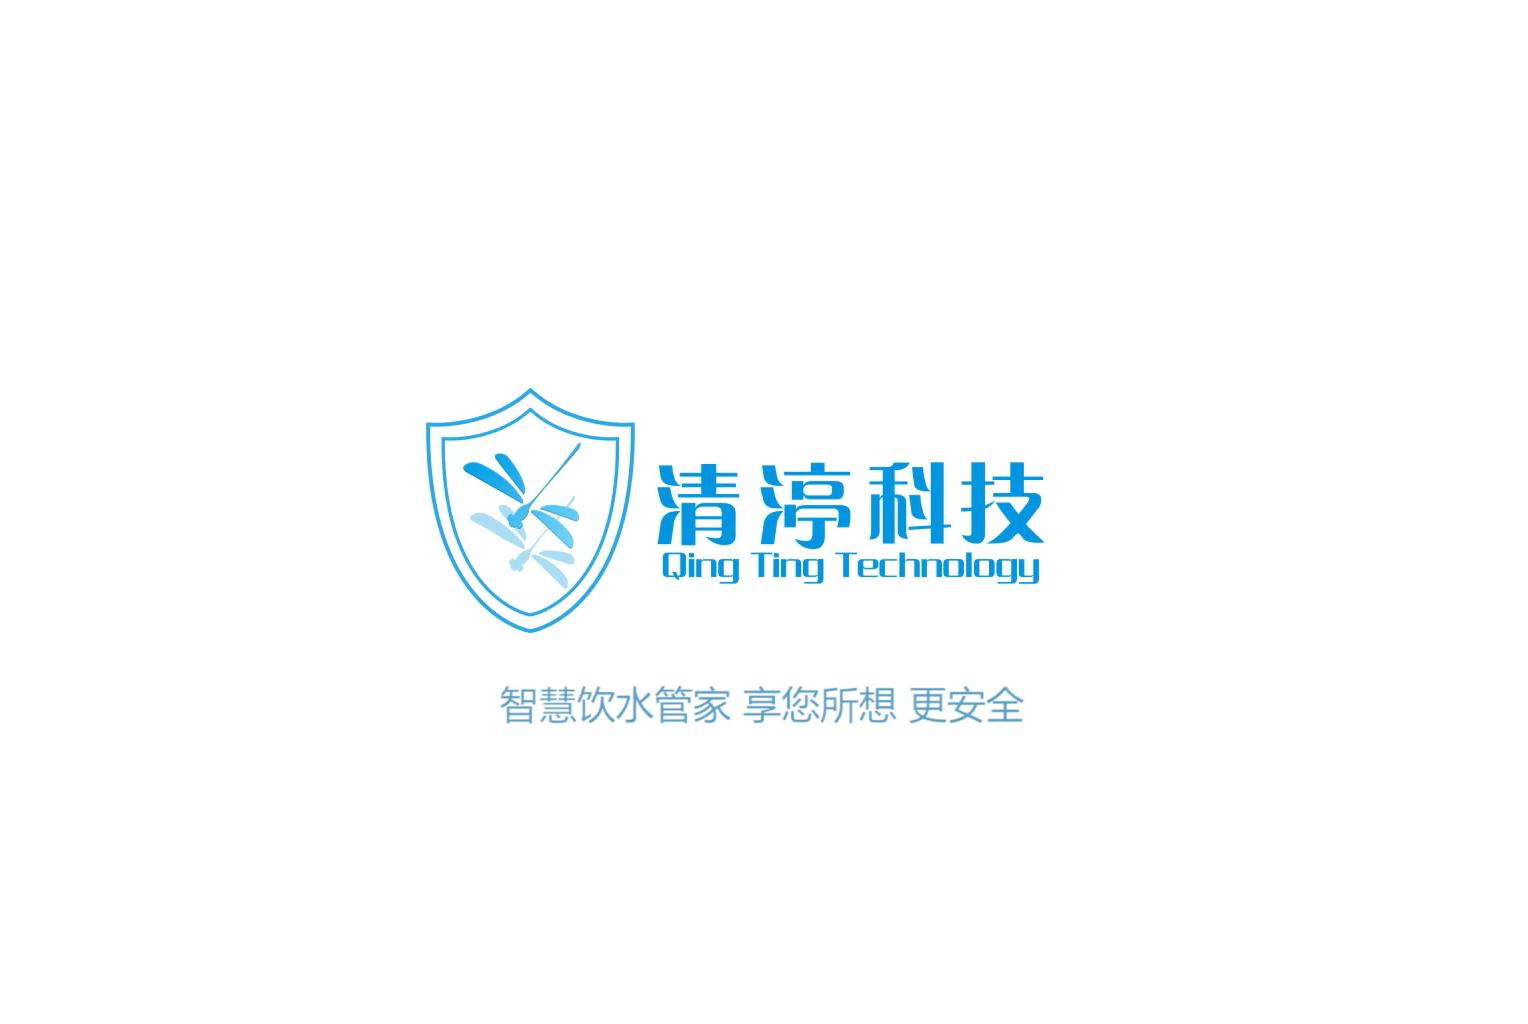 清渟科技产品